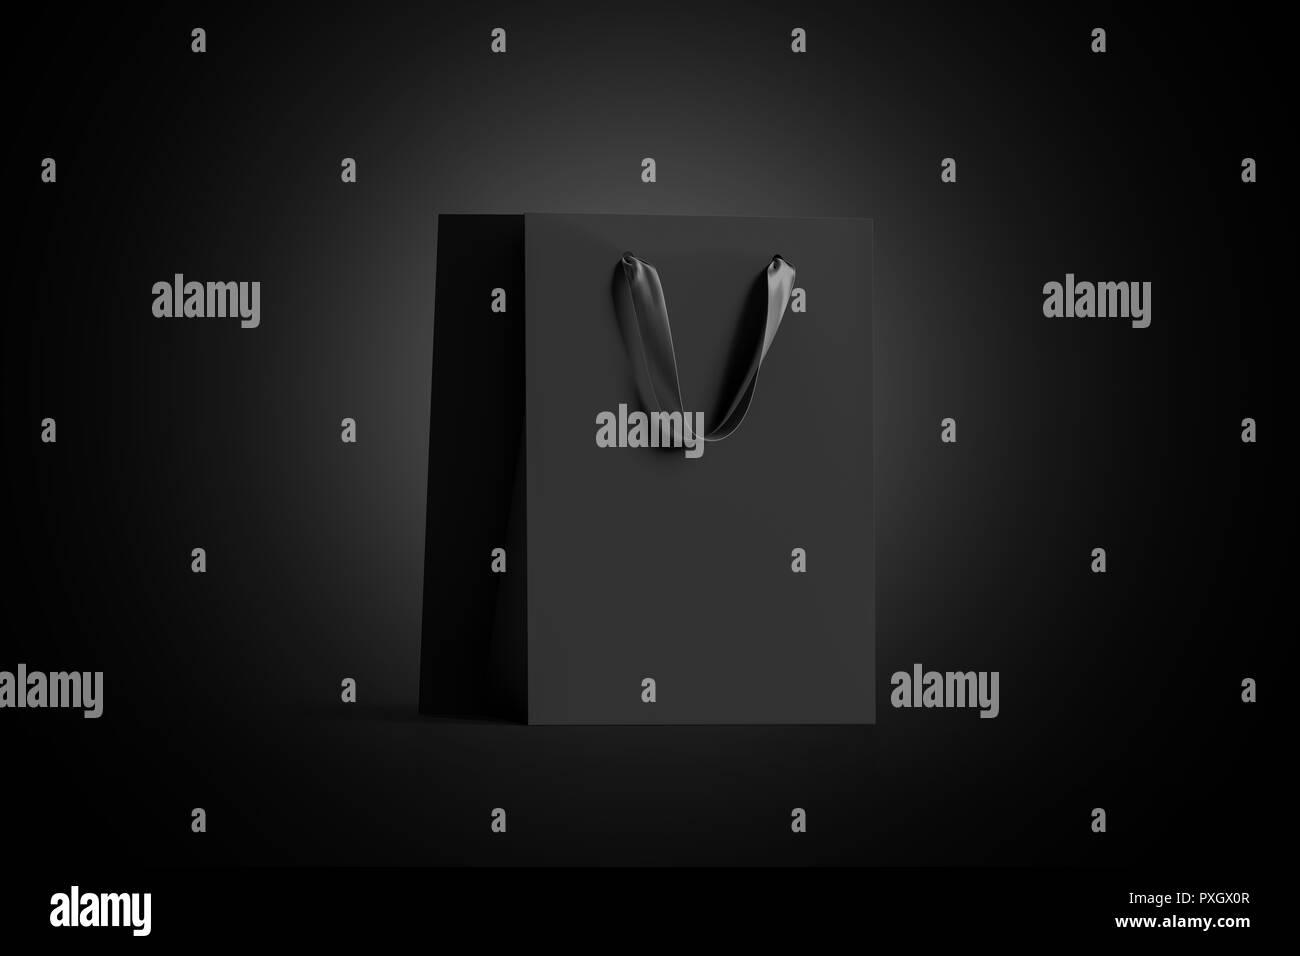 314011f2b5c4 Sac cadeau papier vide noir avec poignée en soie maquette, isolé dans  l obscurité